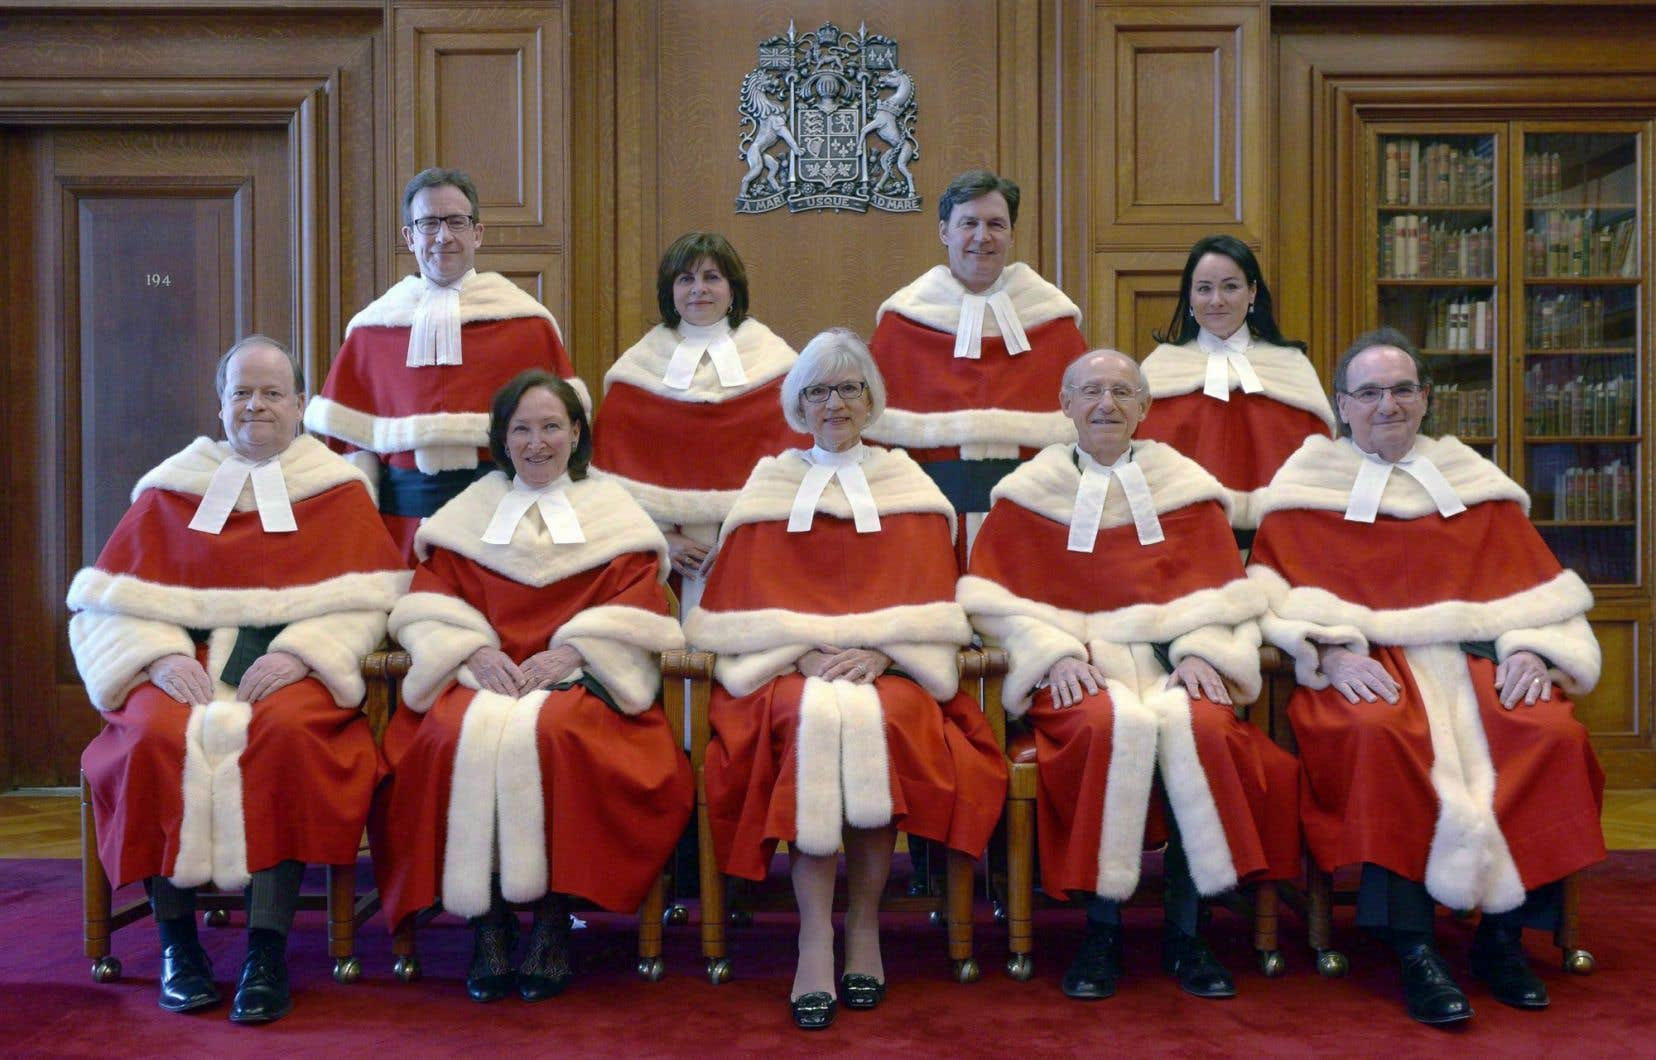 Le juge qui représente les Maritimes, Albert Cromwell (première rangée à gauche), sera remplacé cet automne. Mais rien dans le nouveau processus ne garantit un représentant des provinces atlantiques.